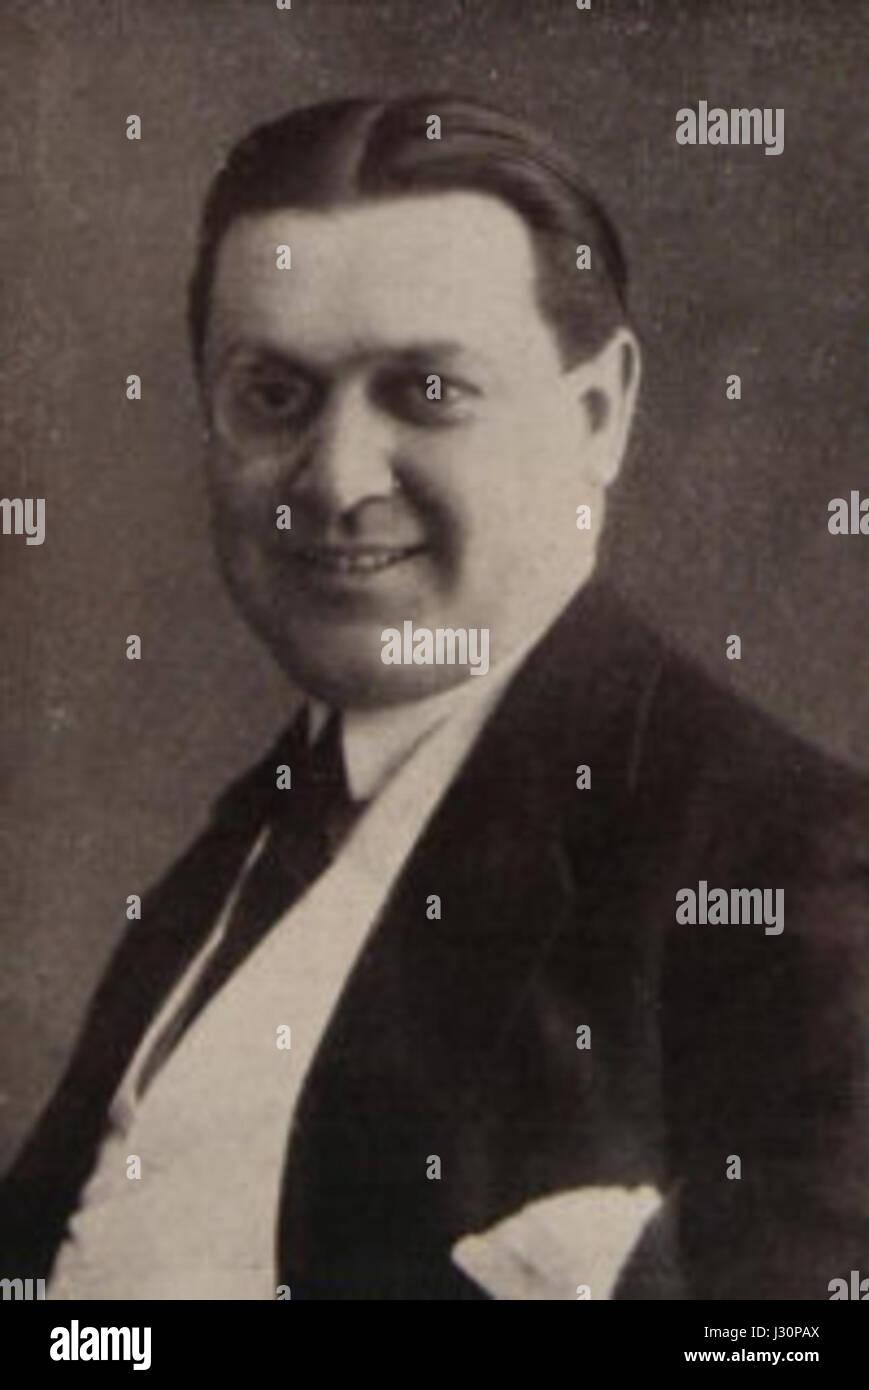 Oreste Bilancia 1920 - Stock Image